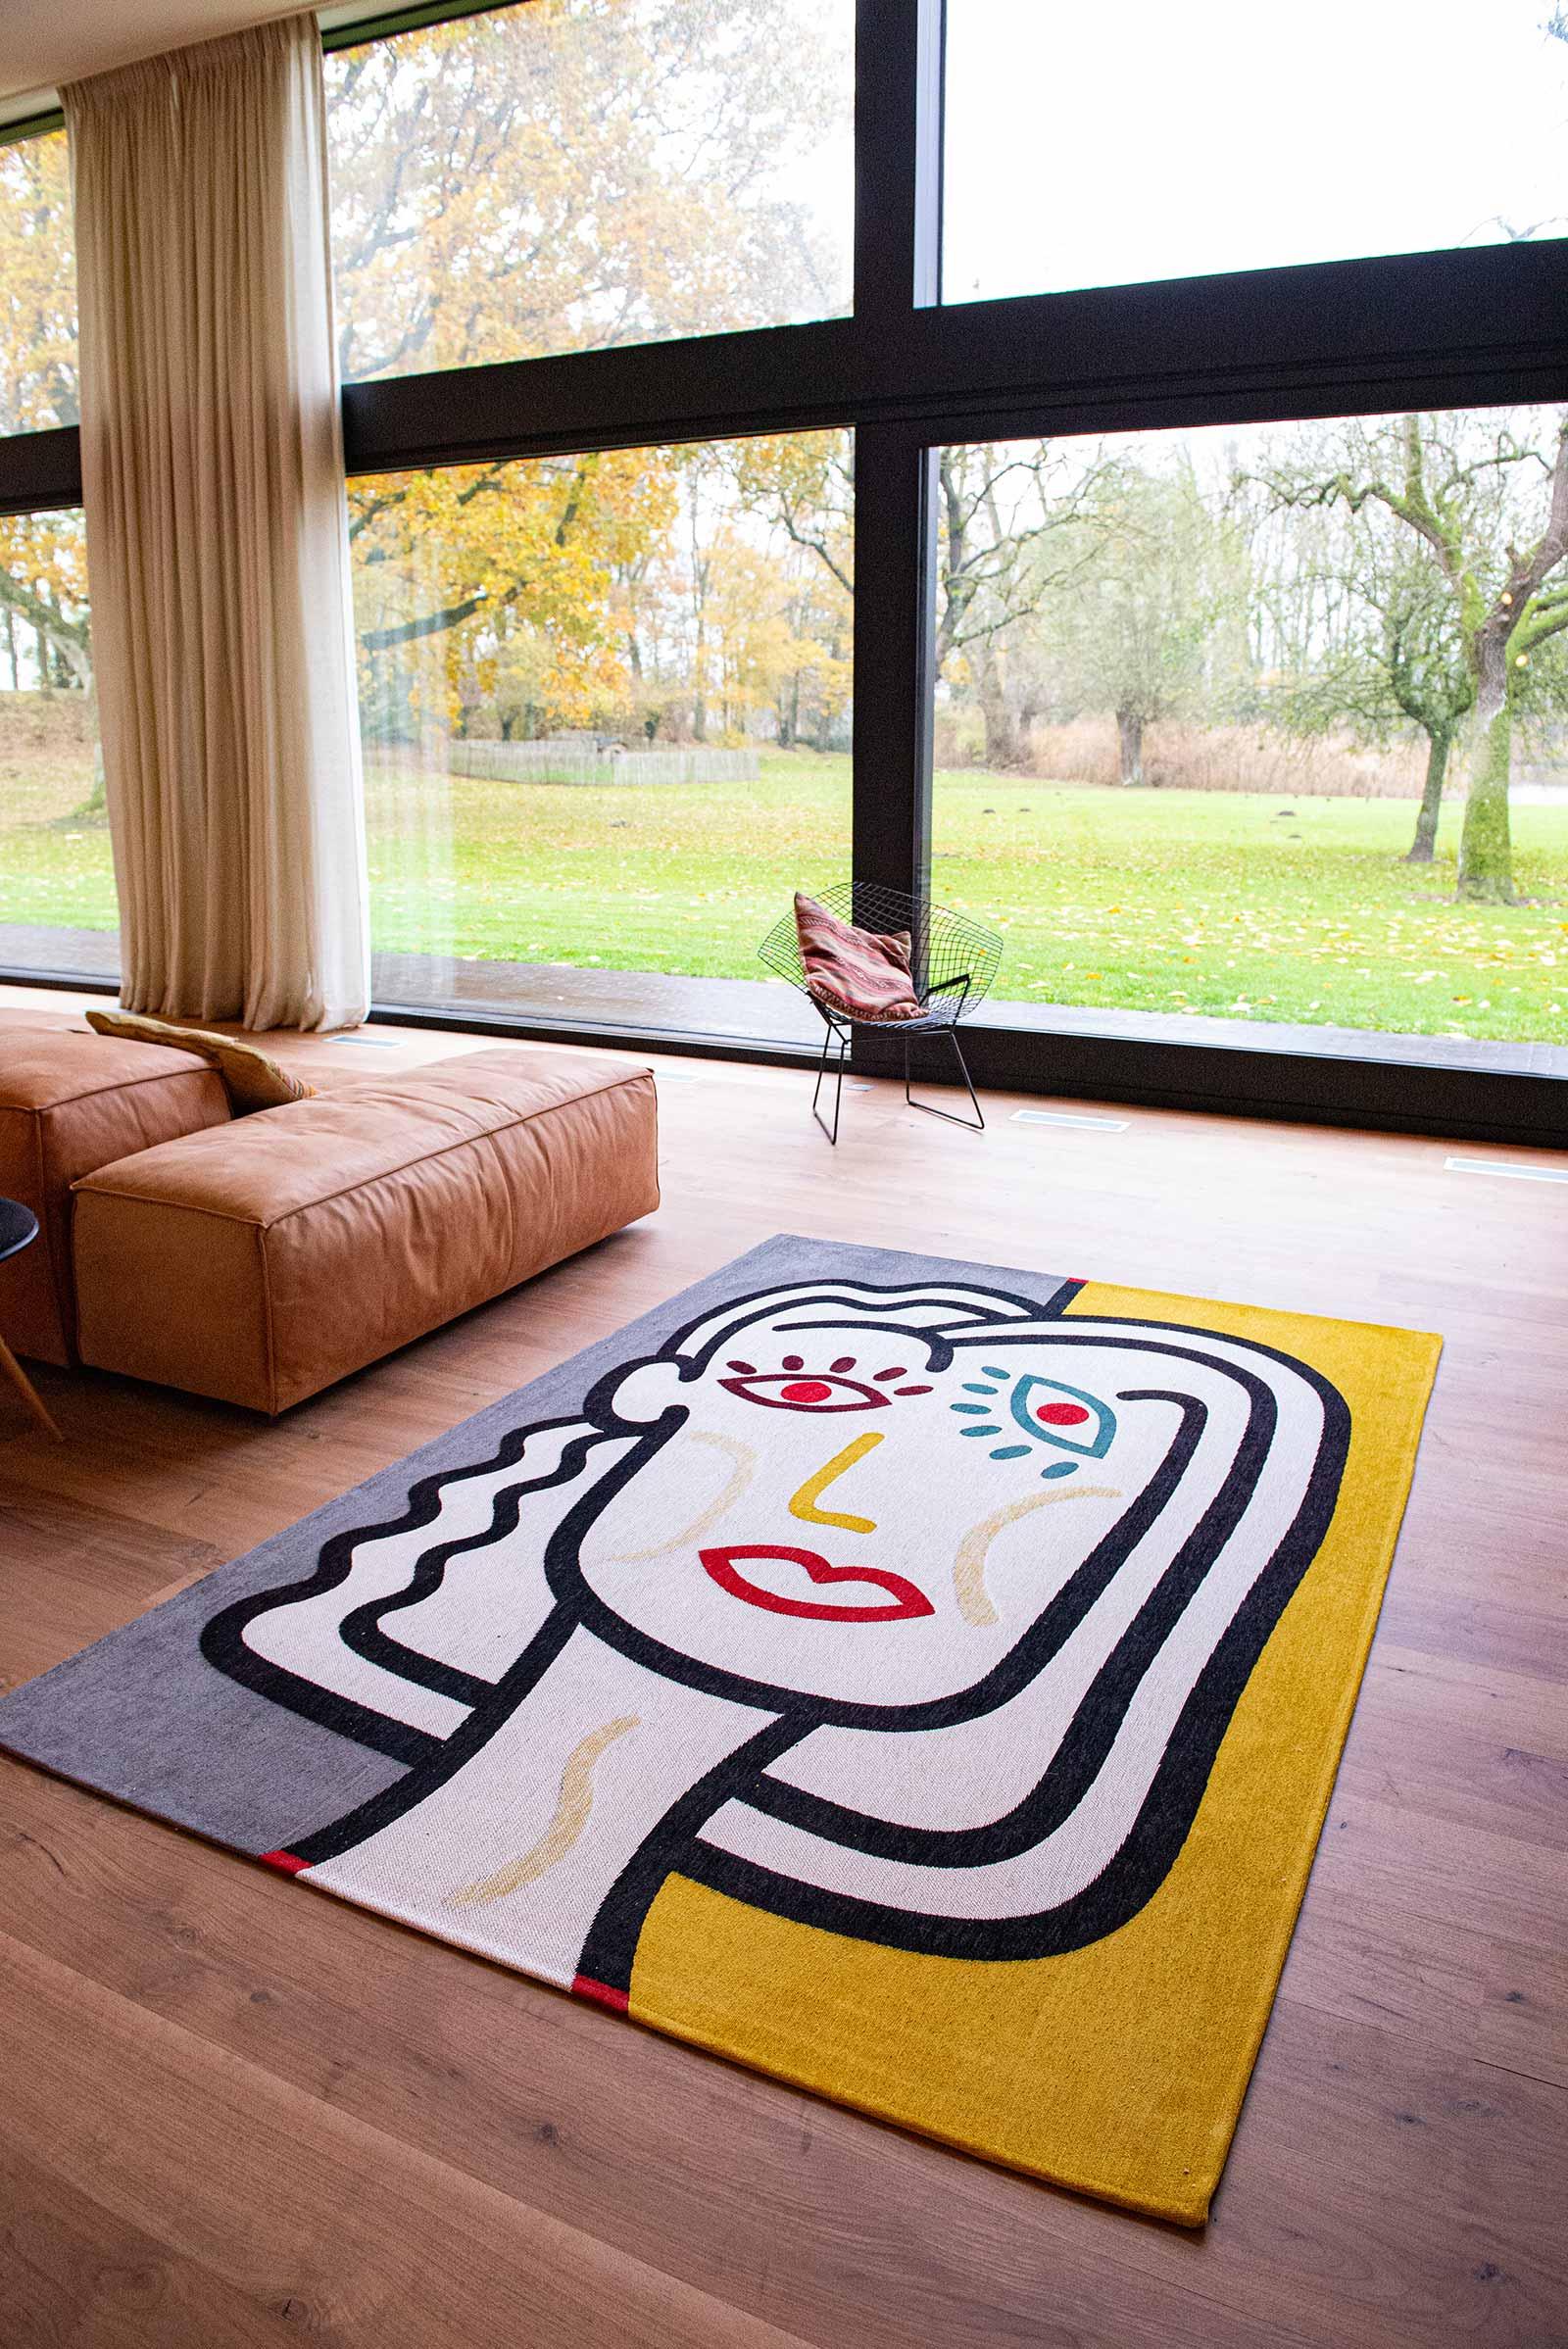 Louis De Poortere rug CS 9143 Gallery Dora Dorado interior 4